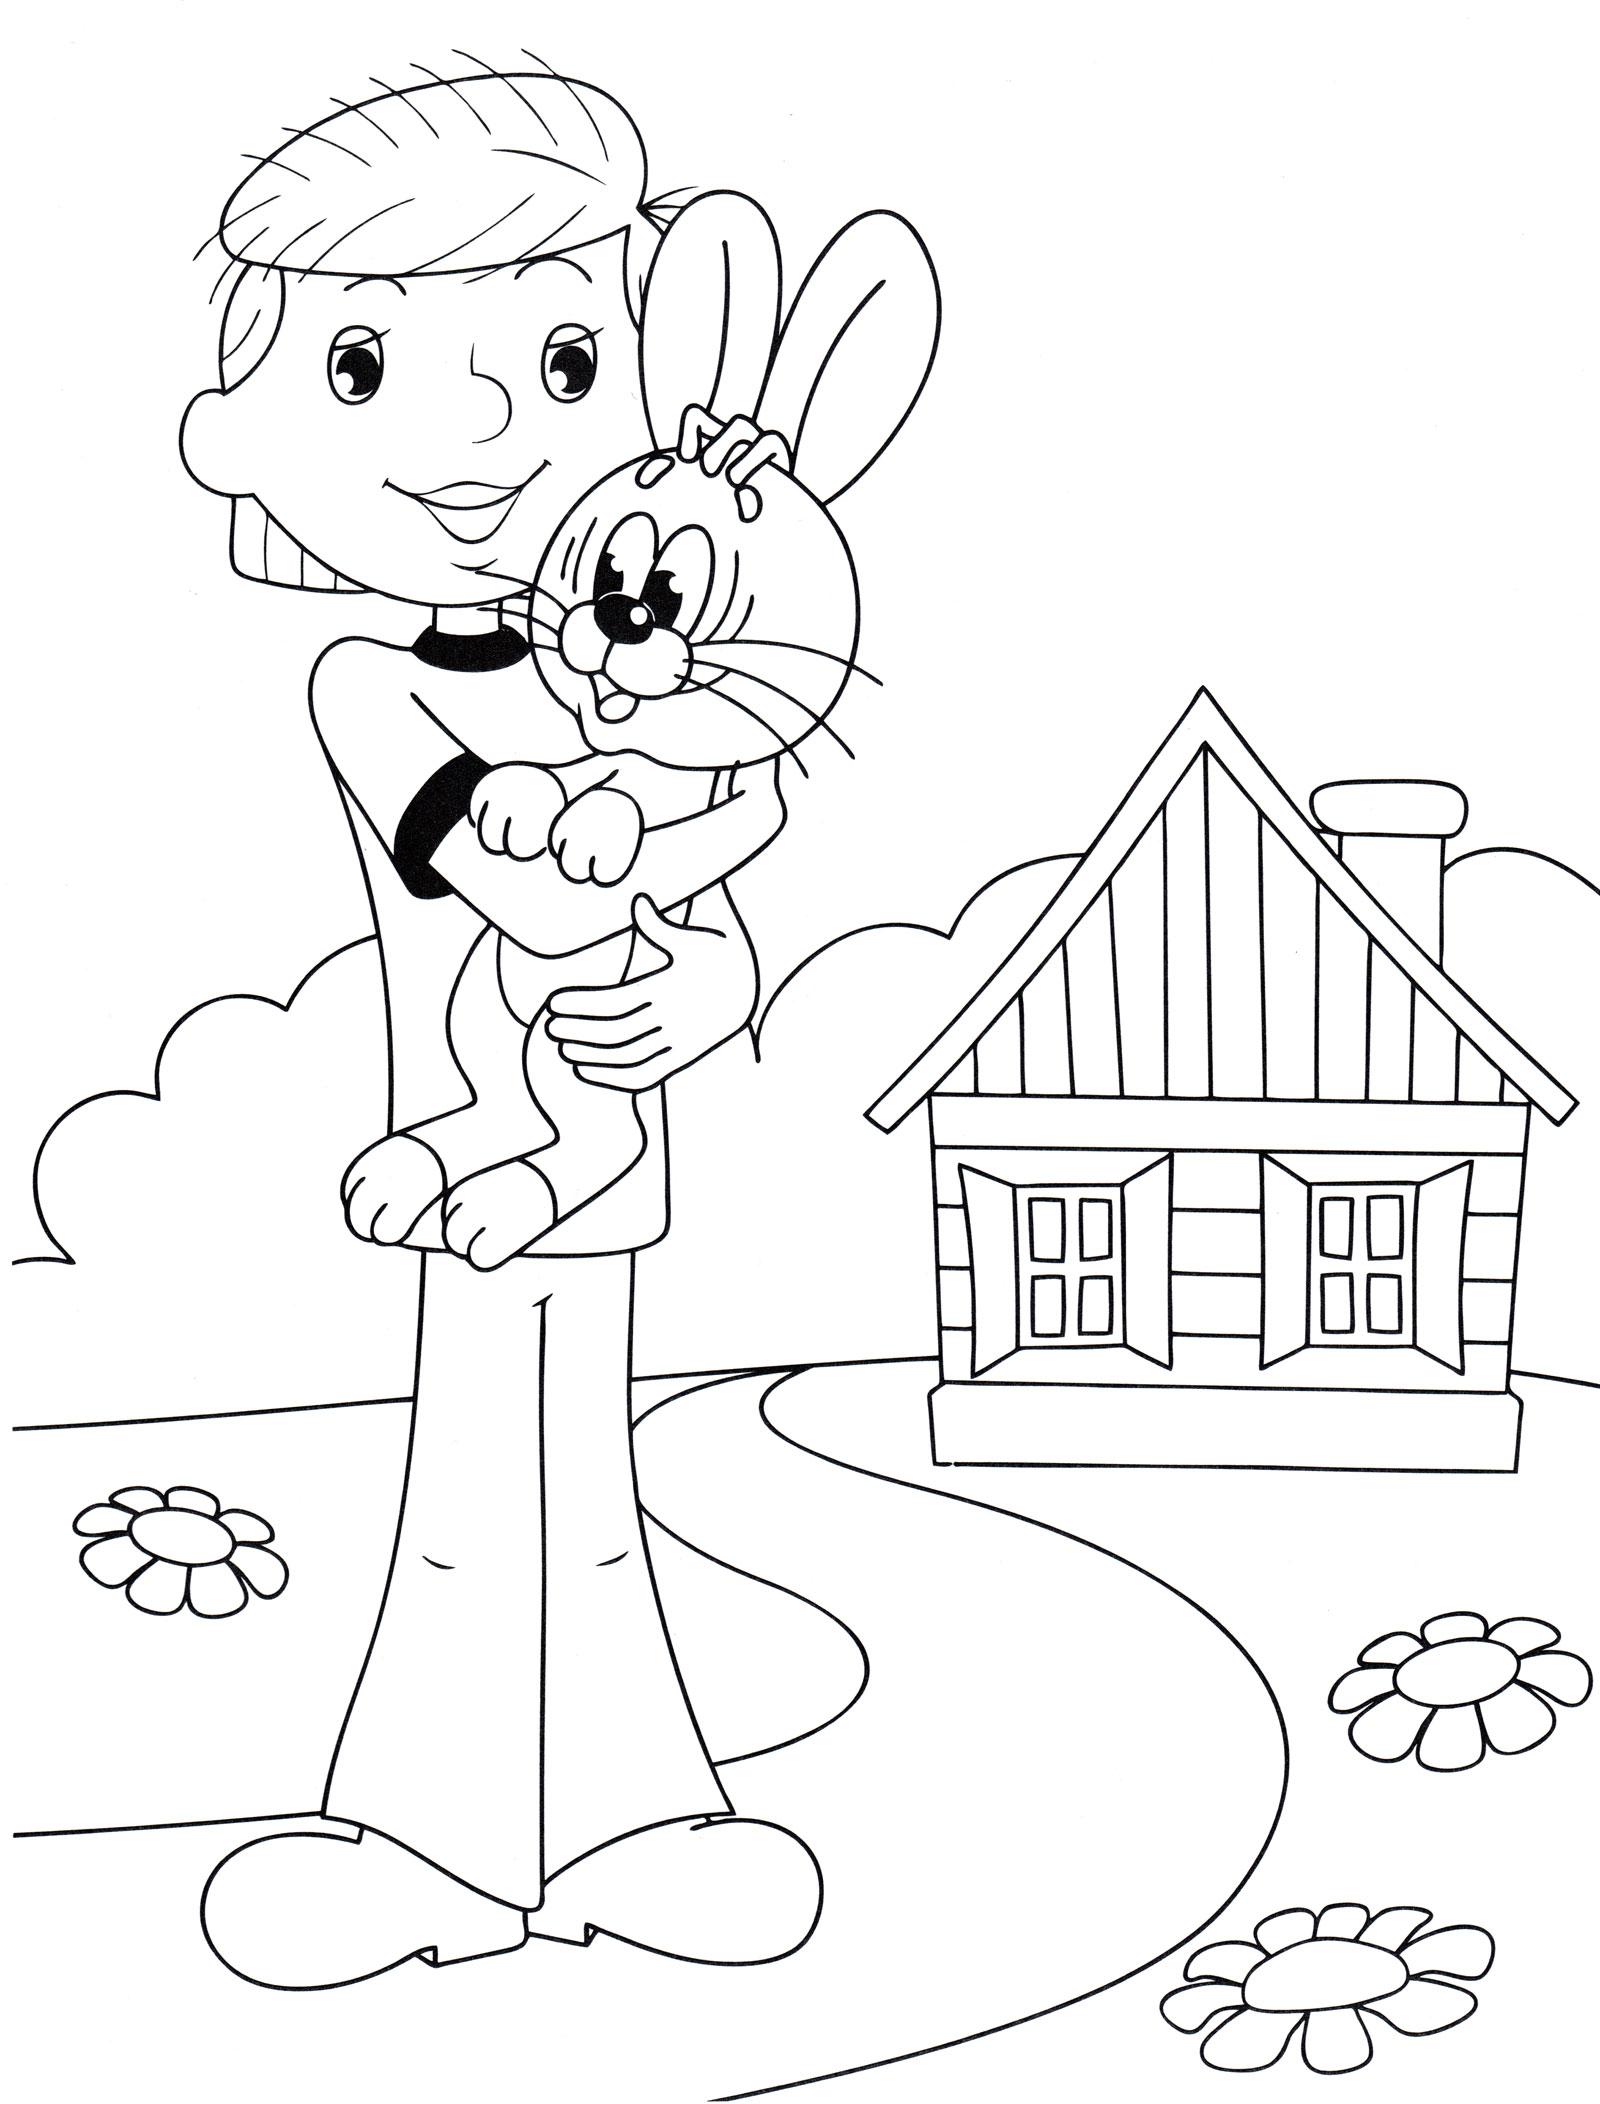 Раскраска Дядя Фёдор и заяц | Раскраски Простоквашино